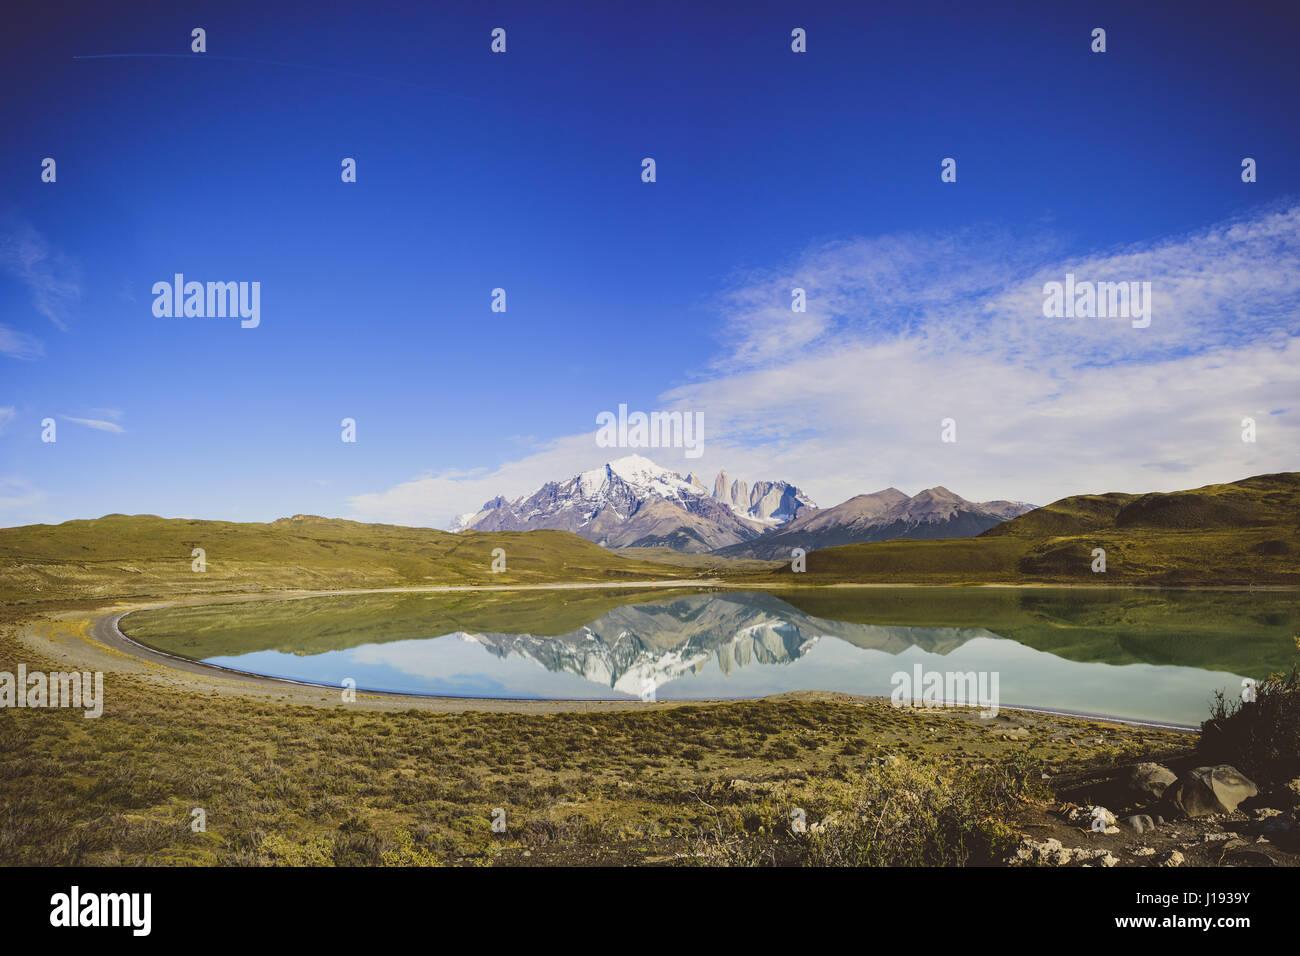 Réflexions sur la montagne au parc national Torres del Paine, Chili Photo Stock